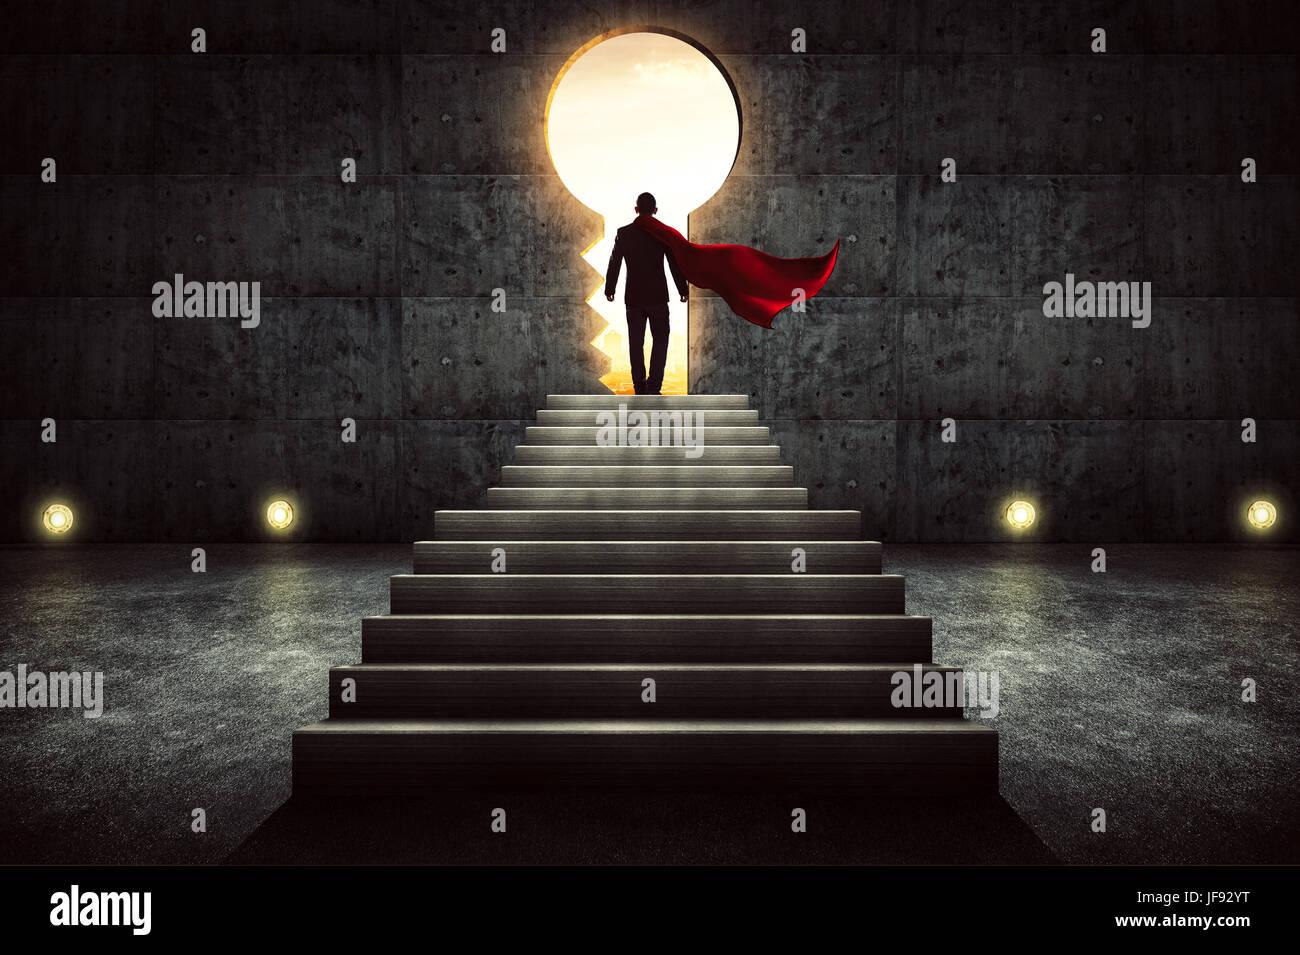 Geschäftsmann in Anzug und Kap stehen auf Treppe gegen Betonwand mit Ausgangstür, Sonnenaufgang Szene Stockbild